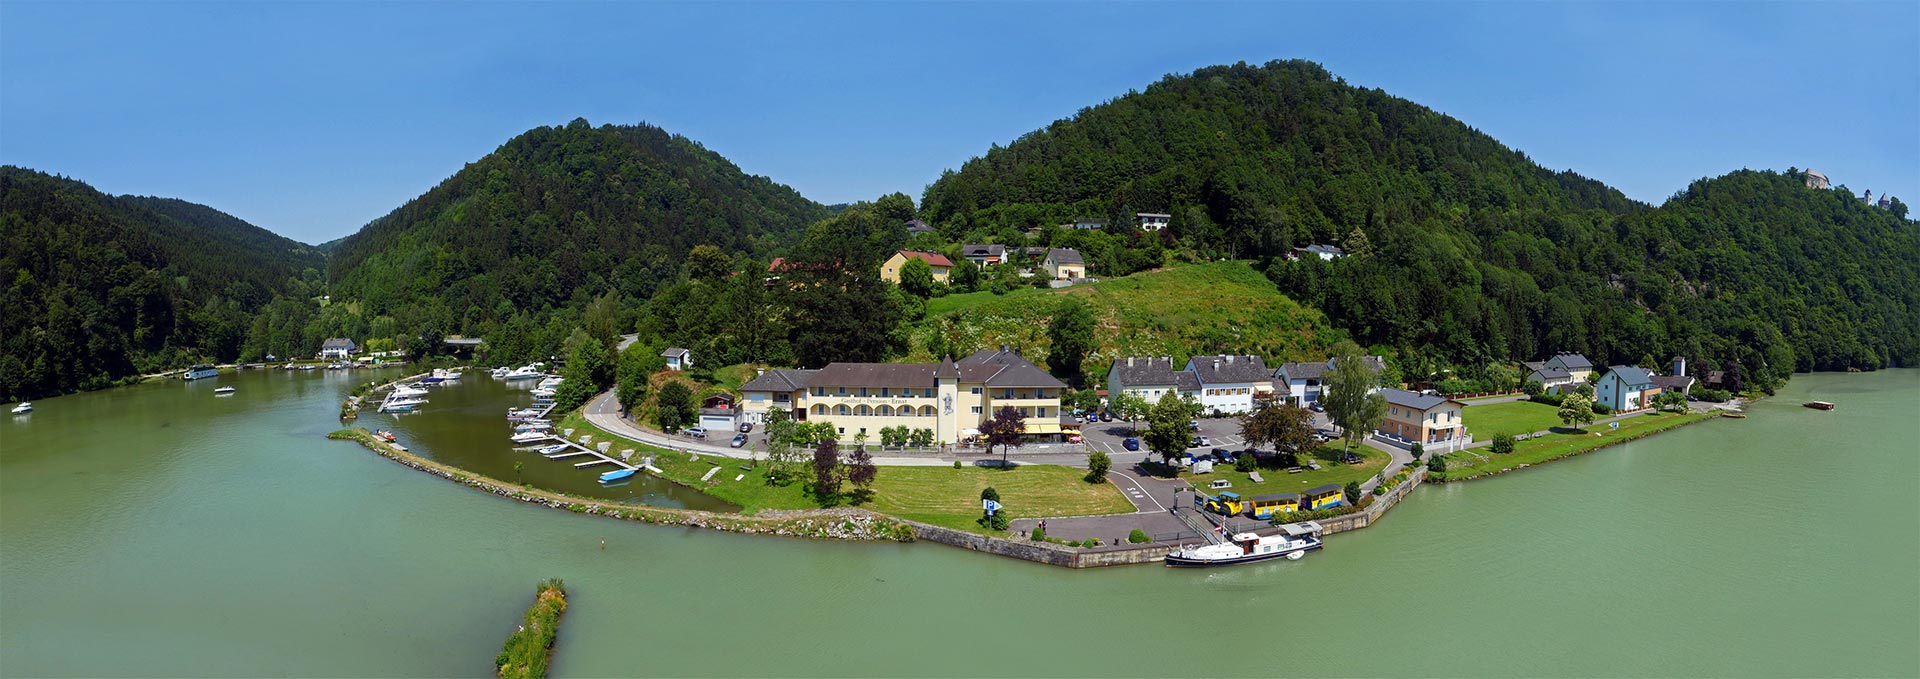 Boot Fahren Lernen | Untermühl Oberösterreich und Hatting & Imst in Tirol | Bootsführerschein | Untermühl Oberösterreich